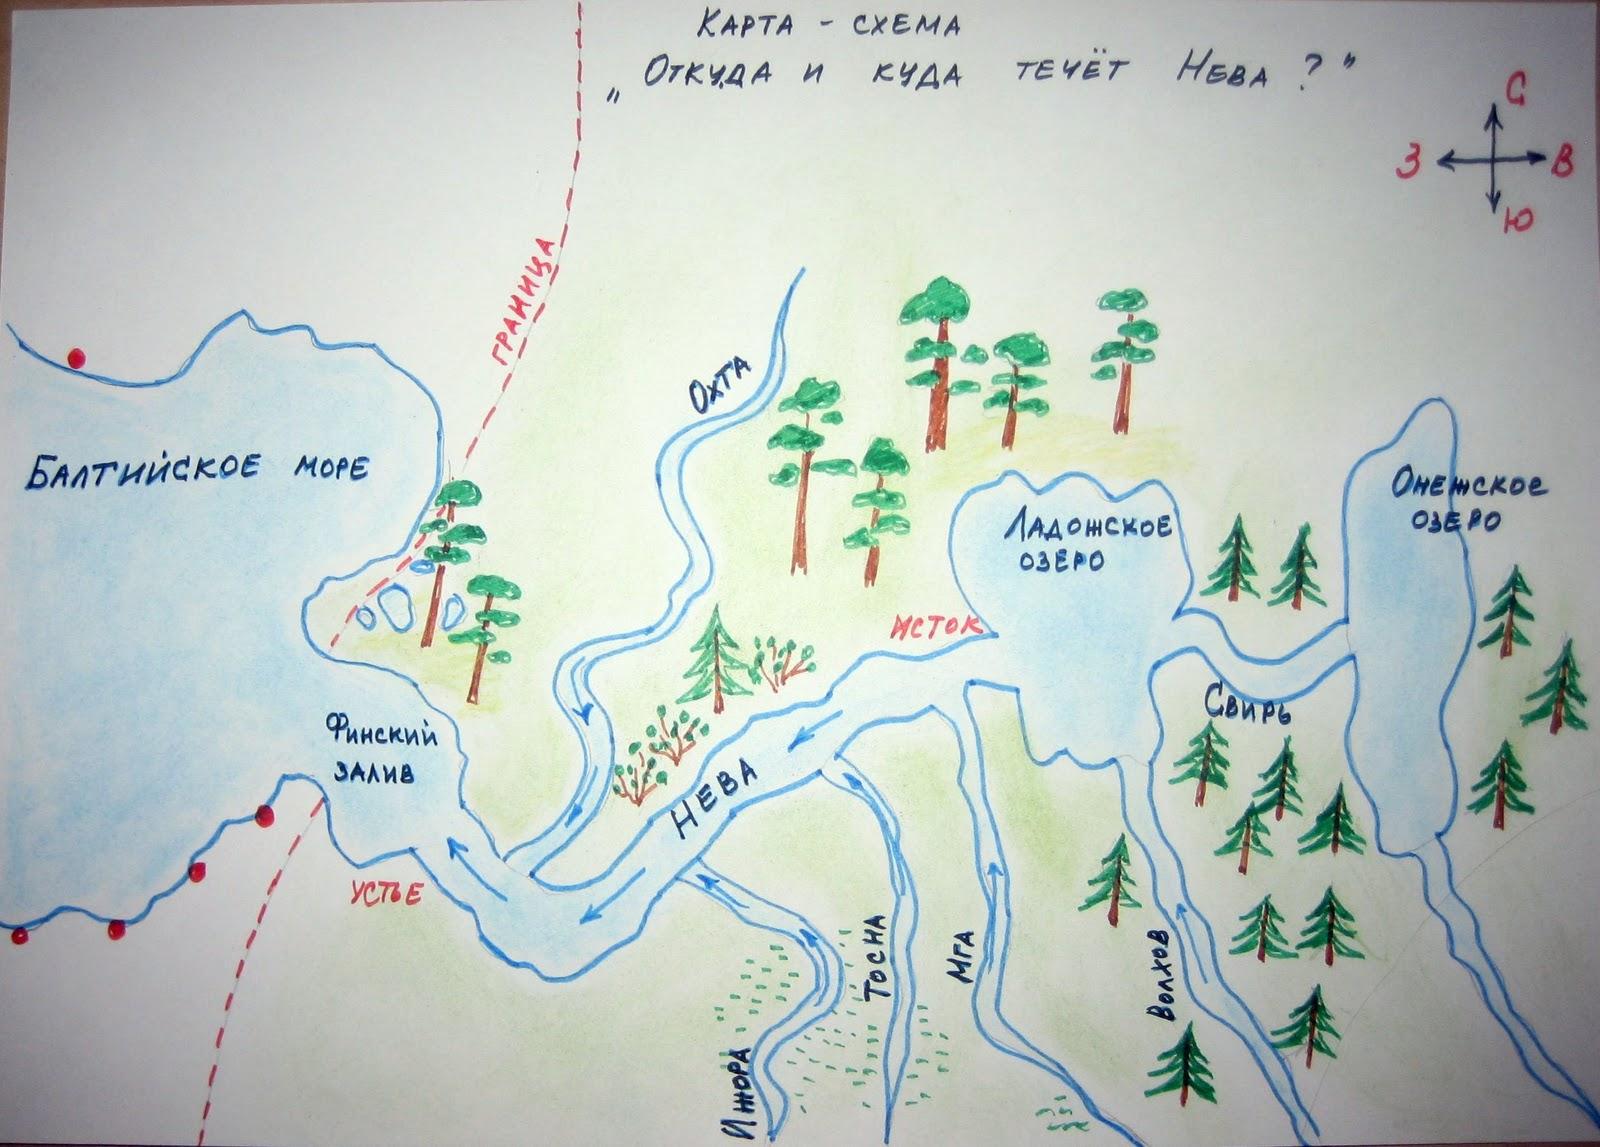 Куда течет река нева схема